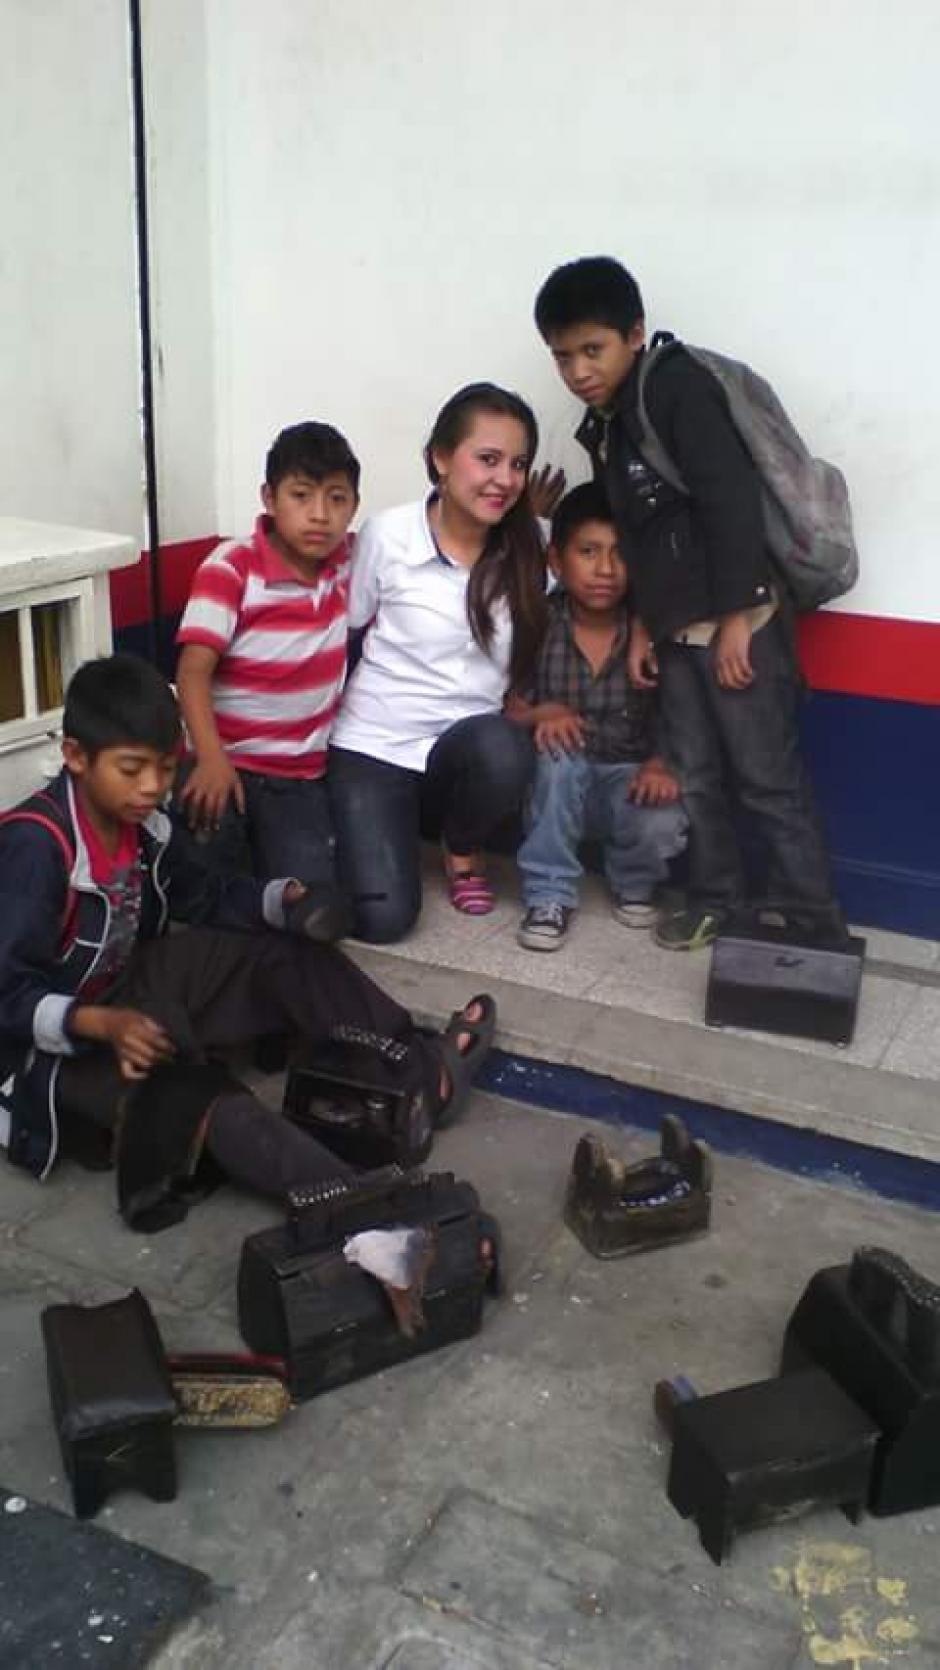 Estrada quiere celebrarles el Día del Niño a sus amigos, pero requiere del apoyo de otros bondadosos ciudadanos. (Foto: Deyanira Estrada)